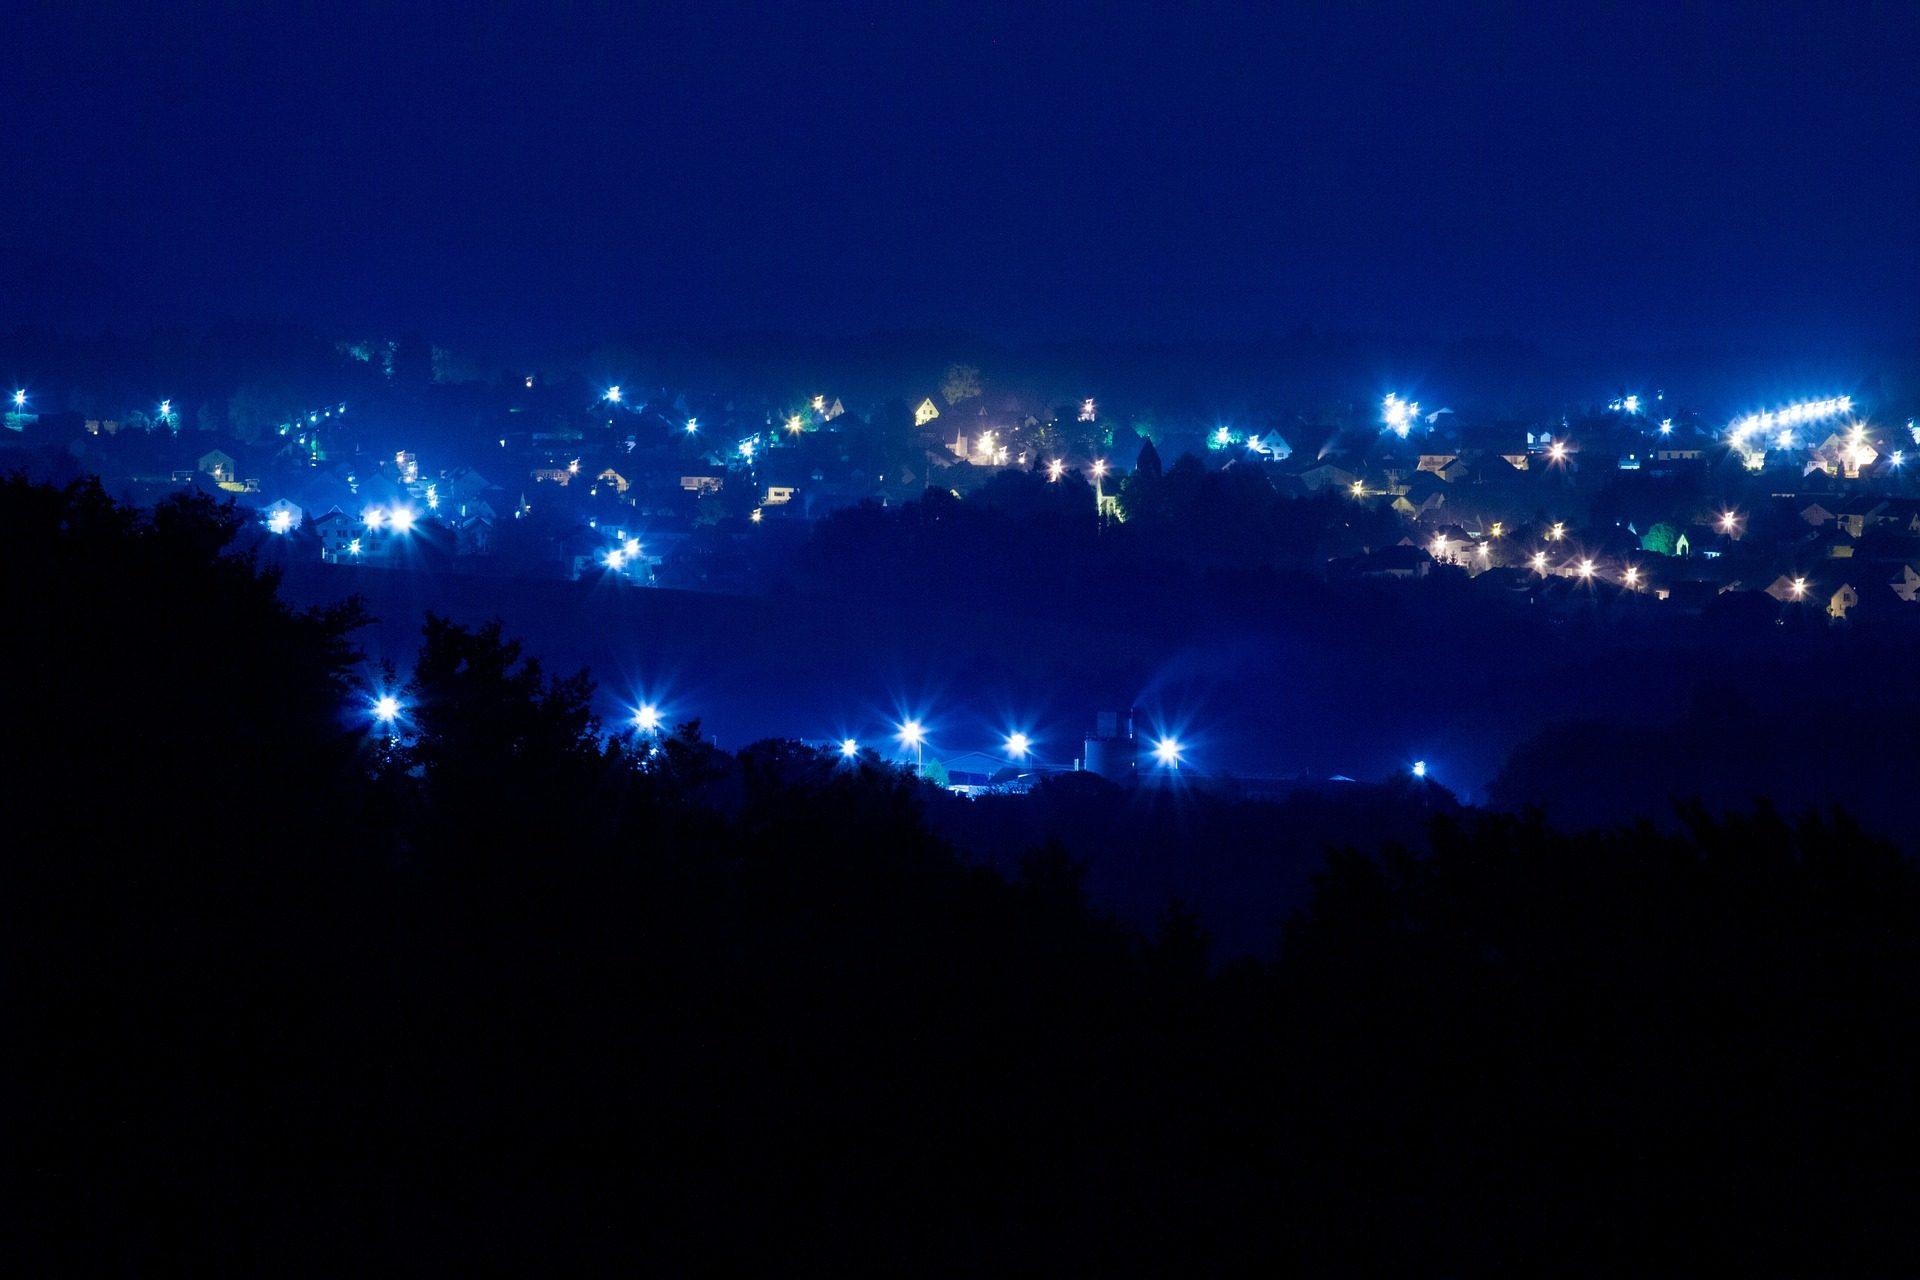 गांव, शहर, रात, रोशनी, प्रकाश, अंधेरे - HD वॉलपेपर - प्रोफेसर-falken.com